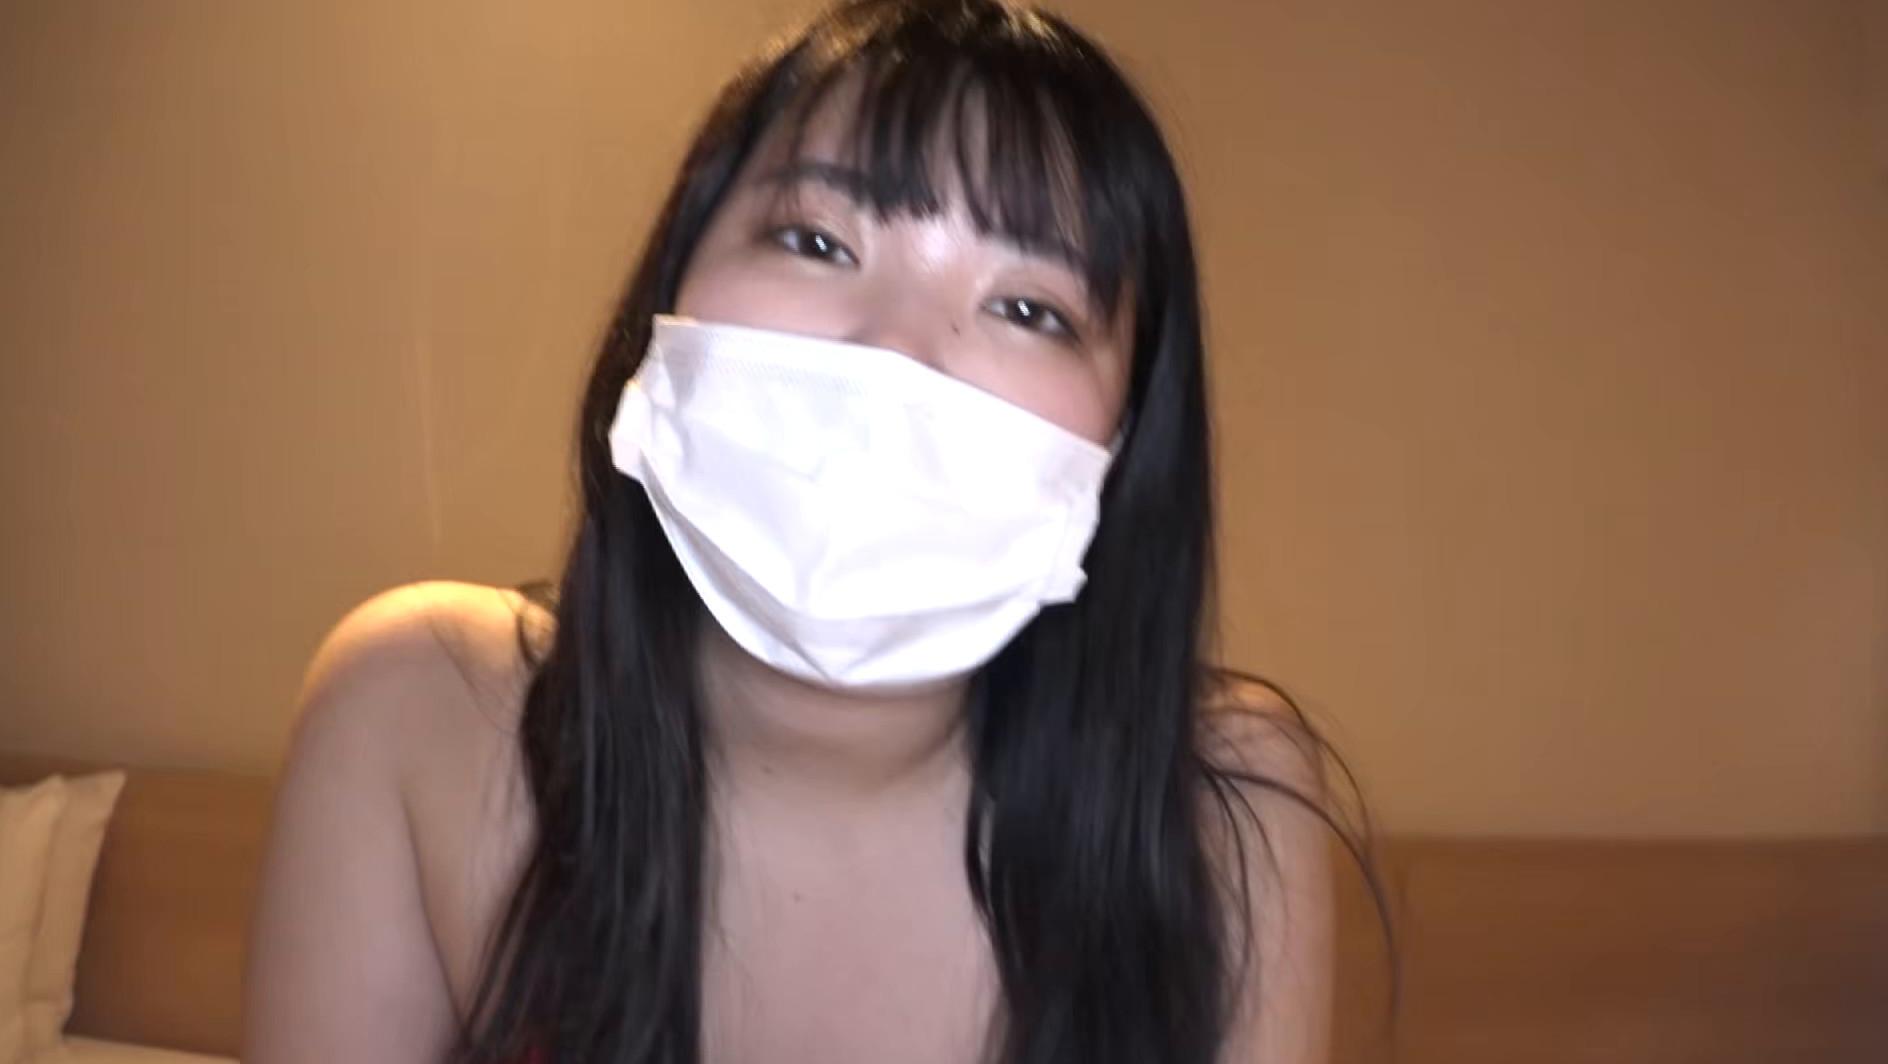 マスク着用を条件に自宅でエッチな撮影を了承してくれた普通の女子大生 ももちゃん 22歳,のサンプル画像27